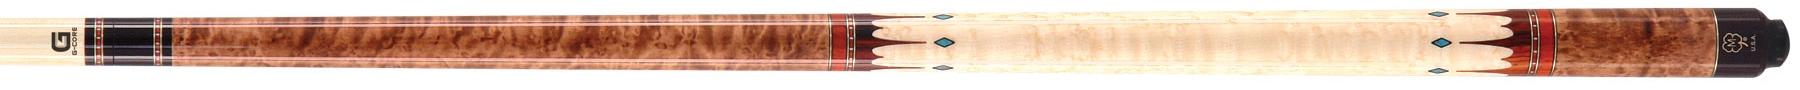 mcdermott g407 birdseye marple piljardikii